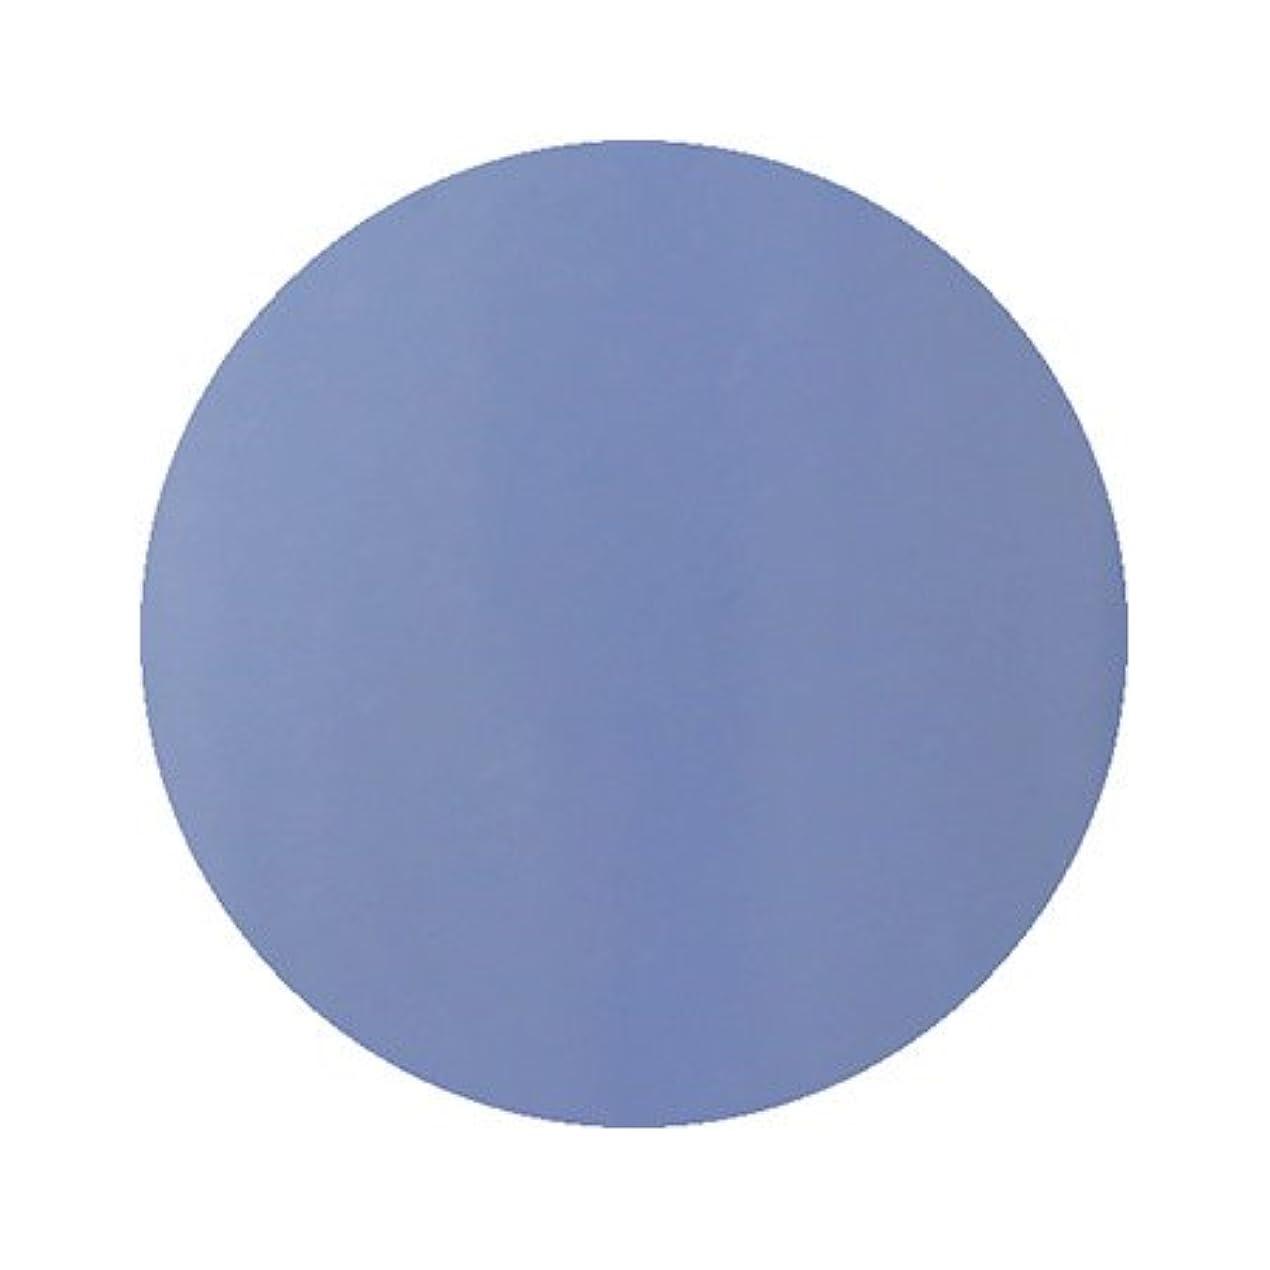 コマースロデオ下るパラポリッシュ ハイブリッドカラージェル M10 ラベンダーブルー 7g